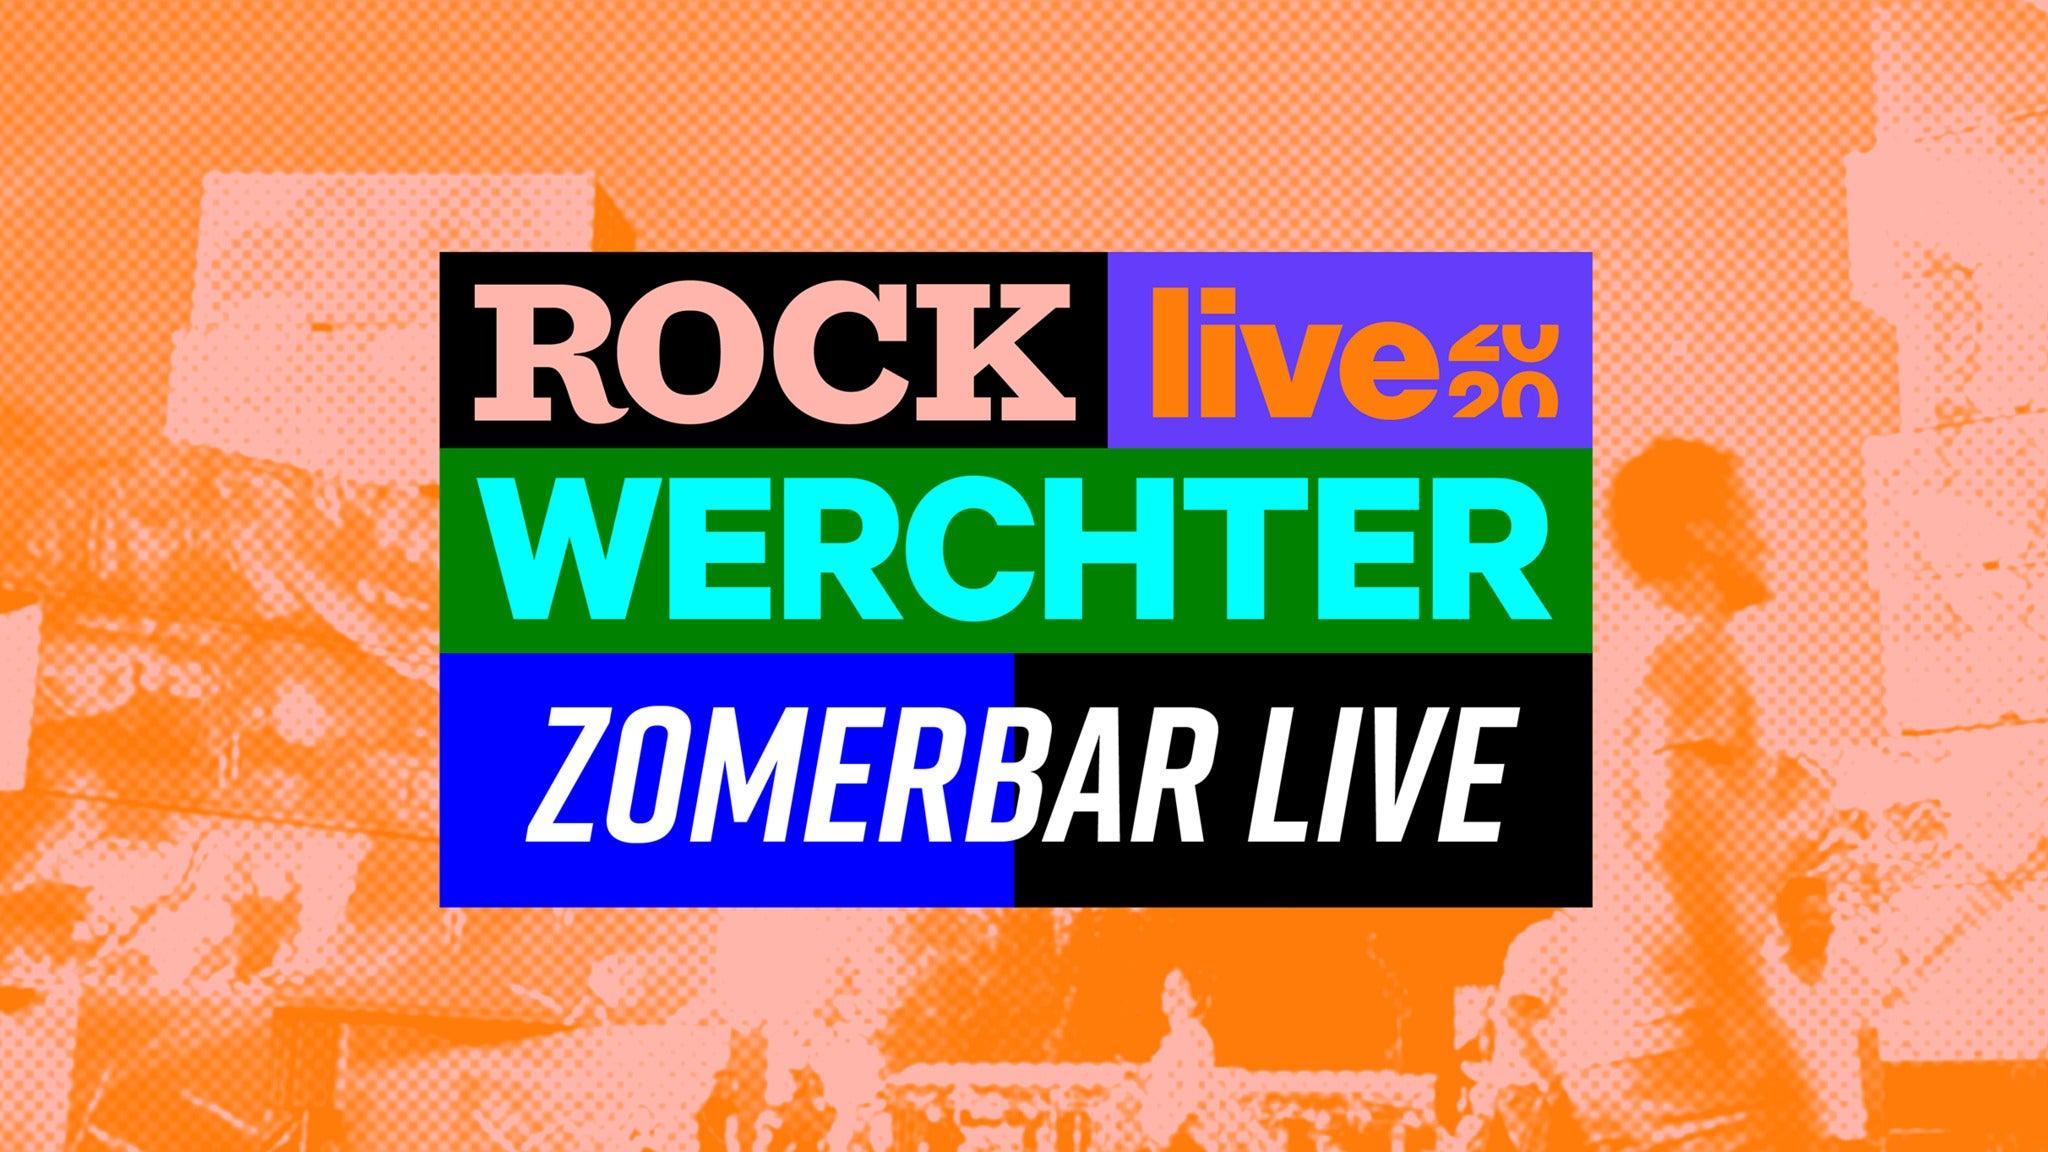 Rock Werchter Zomerbar (14:00 to 18:00) - Arno